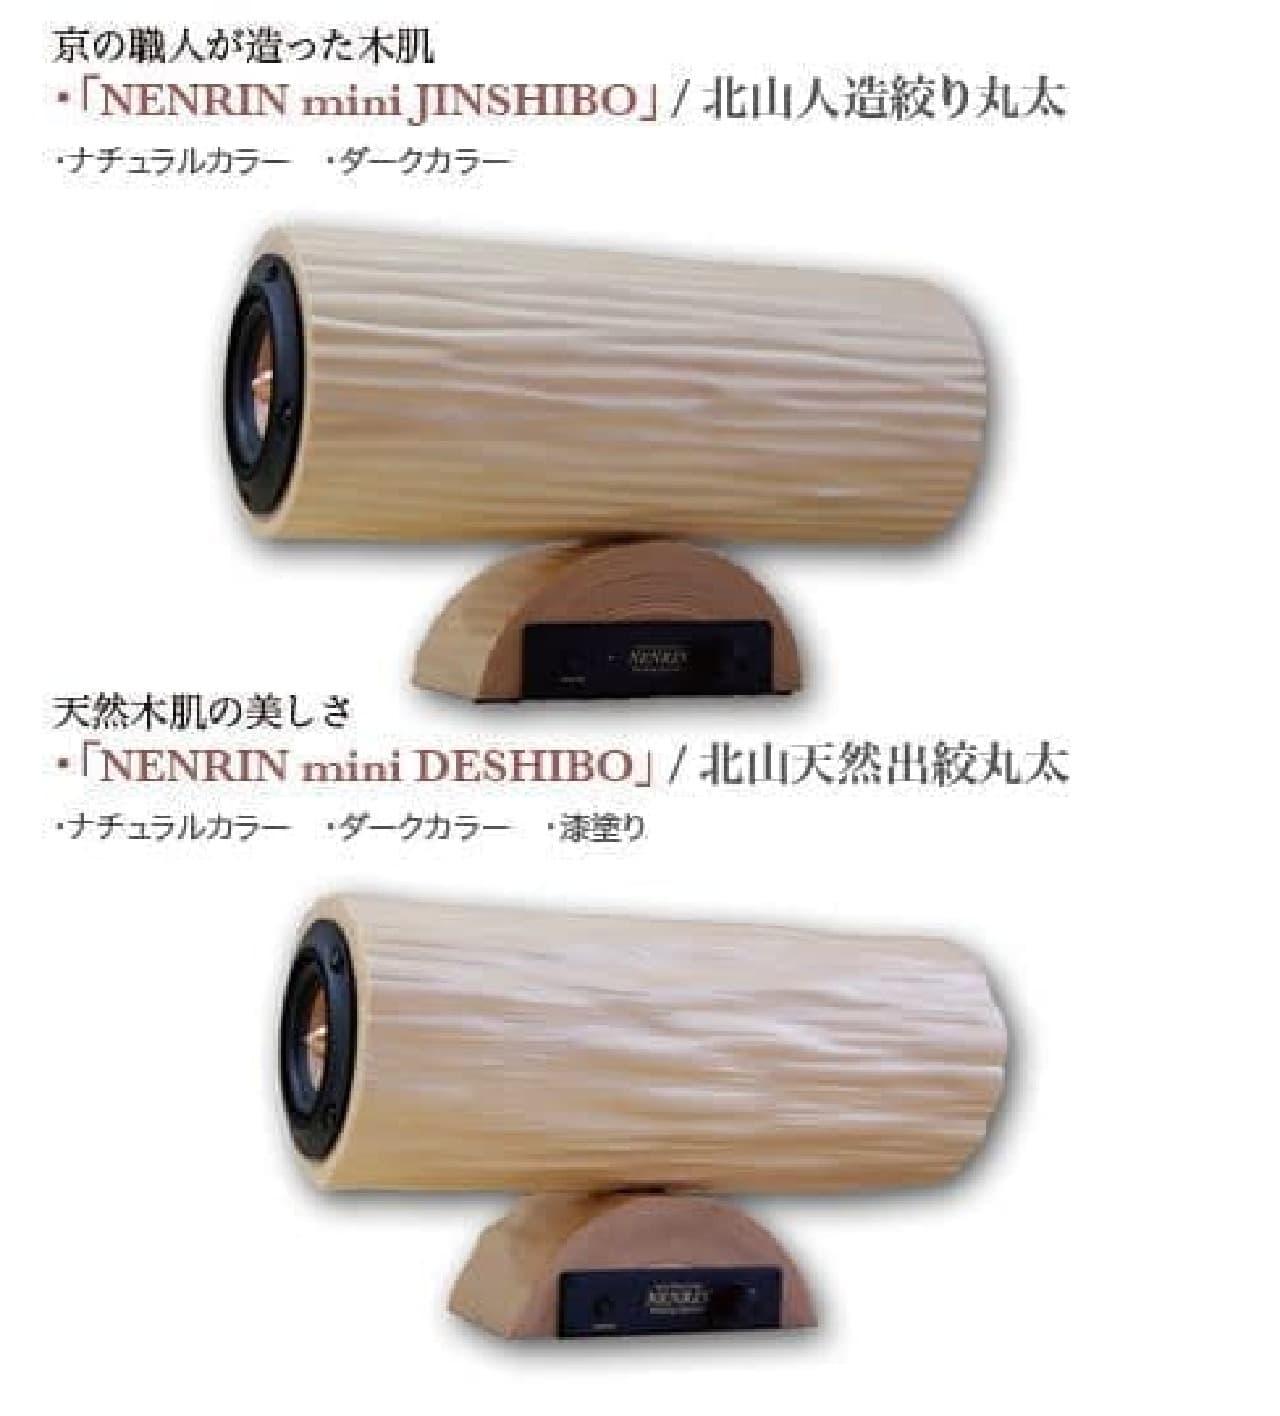 ボディに使う北山丸太の無垢材は2種類  上:人造絞丸太  下:天然出絞丸太  (出典:Kyoto Natural Factory)